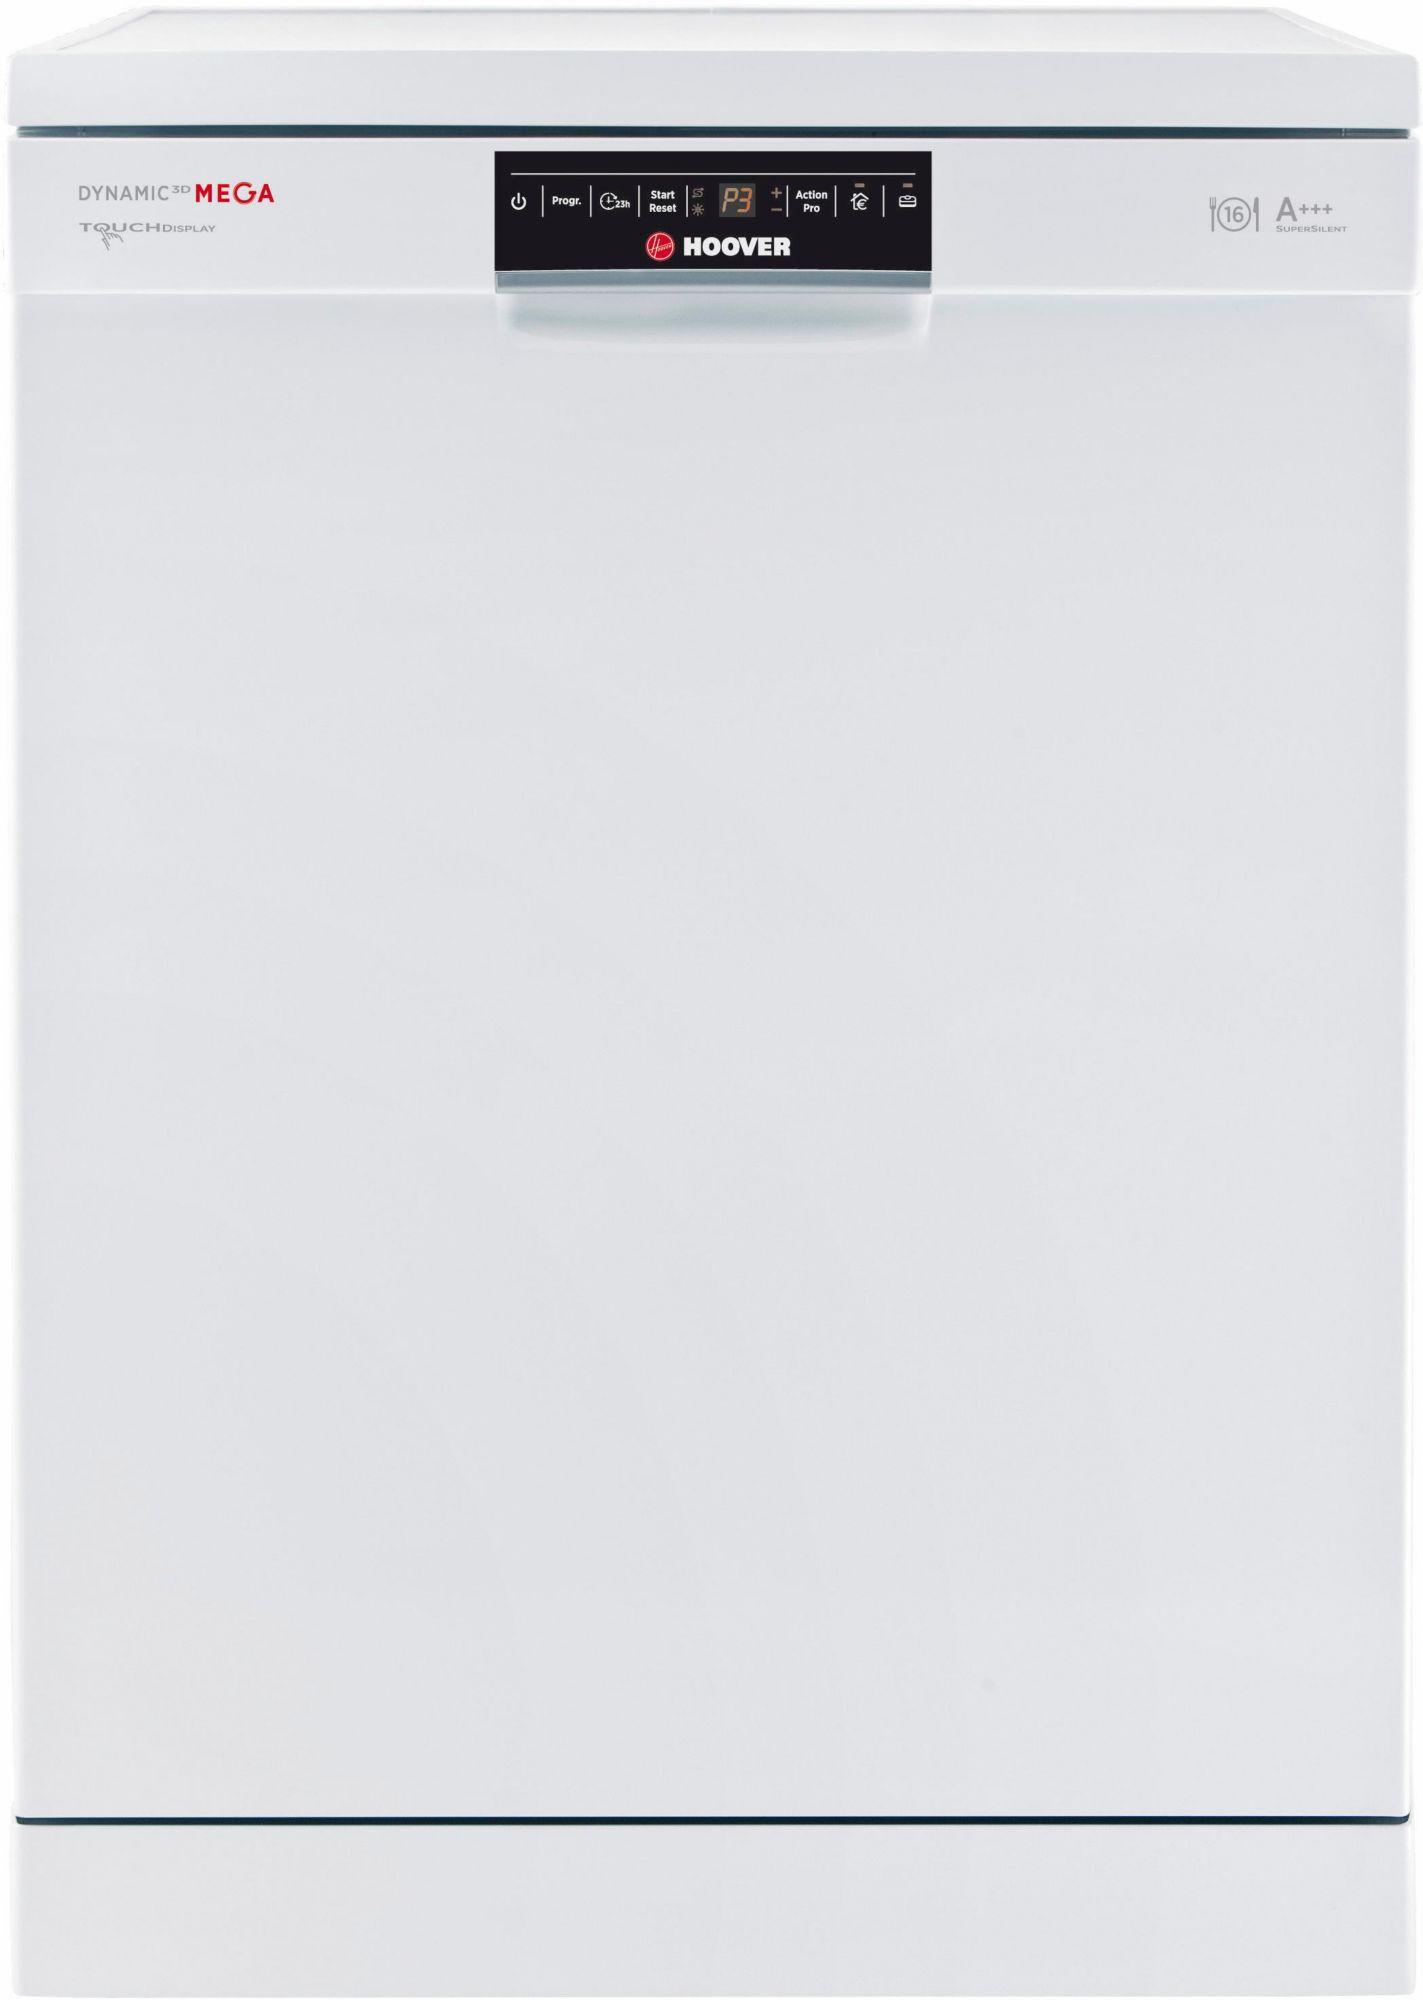 HOOVER Hoover Geschirrspüler DYM 893/T, A+++, 10 Liter, 16 Maßgedecke